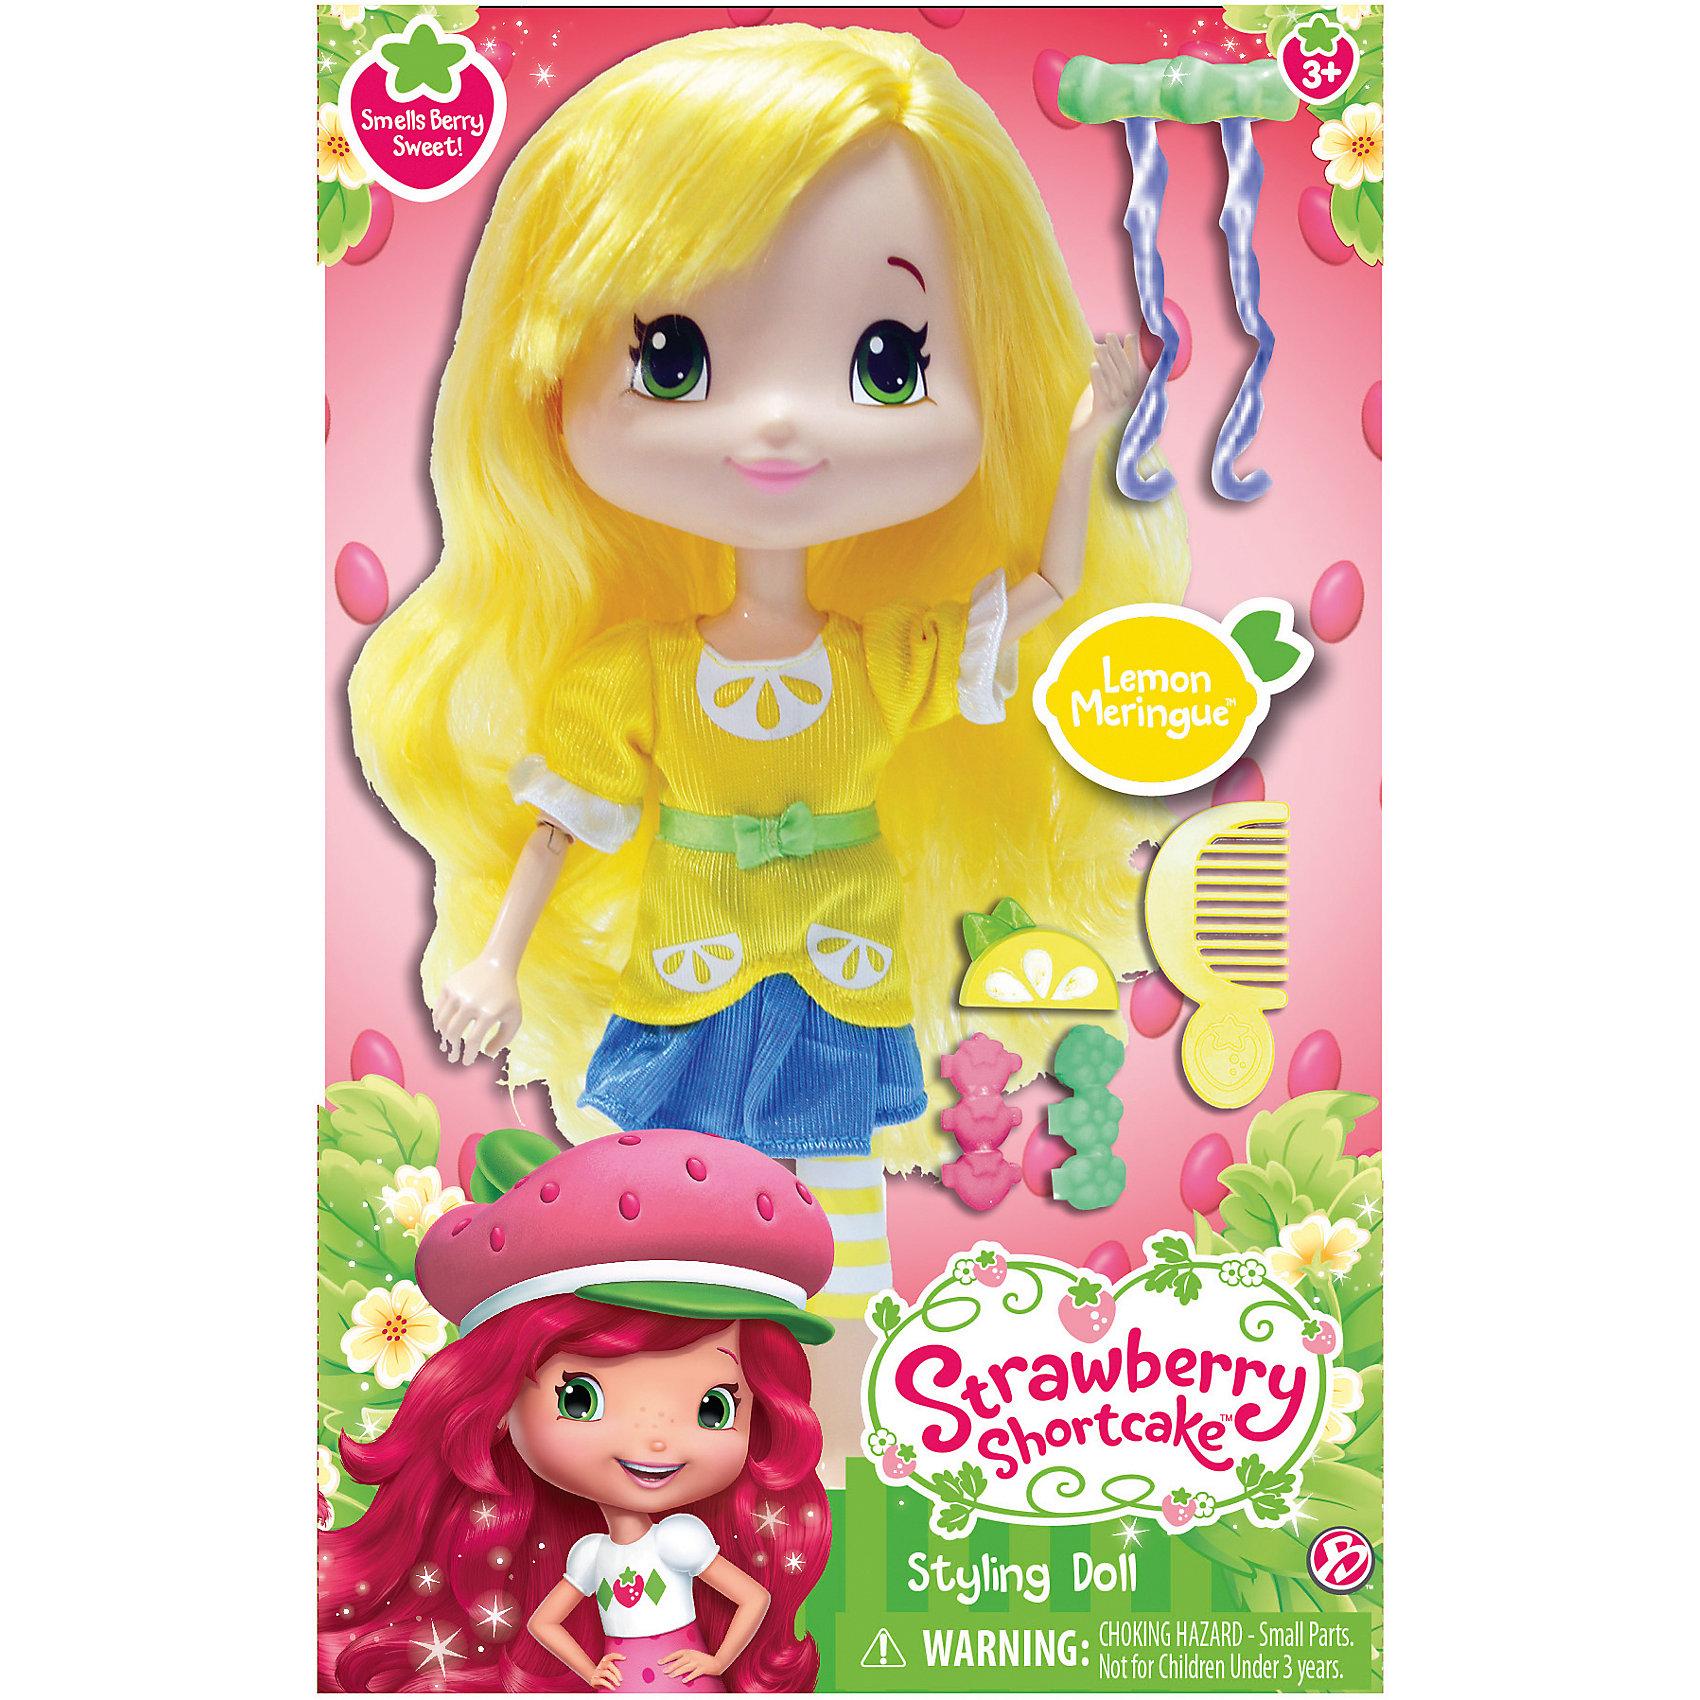 Кукла Лимона для моделирования причесок, 28 см, Шарлотта Земляничка, The BridgeБренды кукол<br>Милая кукла Лимона обязательно понравится Вашей девочке! У куколки красивые длинные волосы, из которые можно сделать самые разнообразные прически!<br><br>В наборе:  кукла Лимона, расческа, 2 заколки, 2 пряди волос, украшение. <br><br>Дополнительная информация:<br><br>- Возраст: от 3 лет.<br>- Материал: пластик, текстиль.<br>- Размер куклы: 28 см.<br>- Размер упаковки: 19х9х30 см.<br><br>Купить куклу Лимона для моделирования причесок, можно в нашем магазине.<br><br>Ширина мм: 200<br>Глубина мм: 100<br>Высота мм: 310<br>Вес г: 620<br>Возраст от месяцев: 36<br>Возраст до месяцев: 120<br>Пол: Женский<br>Возраст: Детский<br>SKU: 4929083